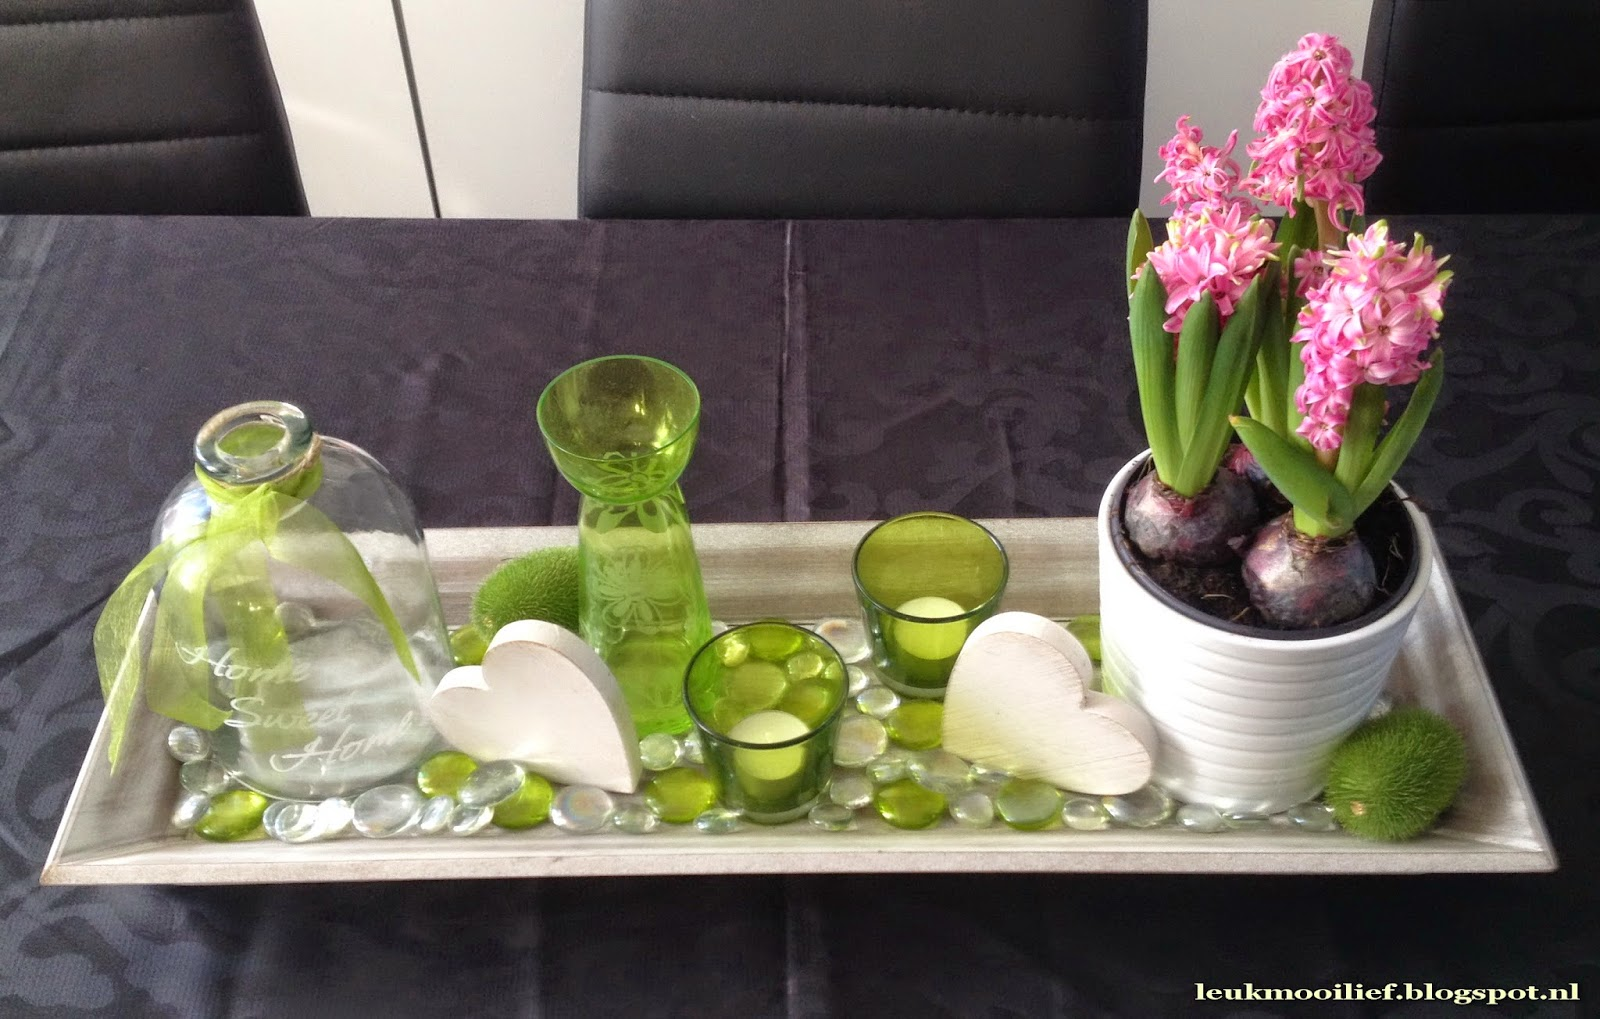 Leuk mooi lief houten schaal met hyacinten for Decoratie op dressoir